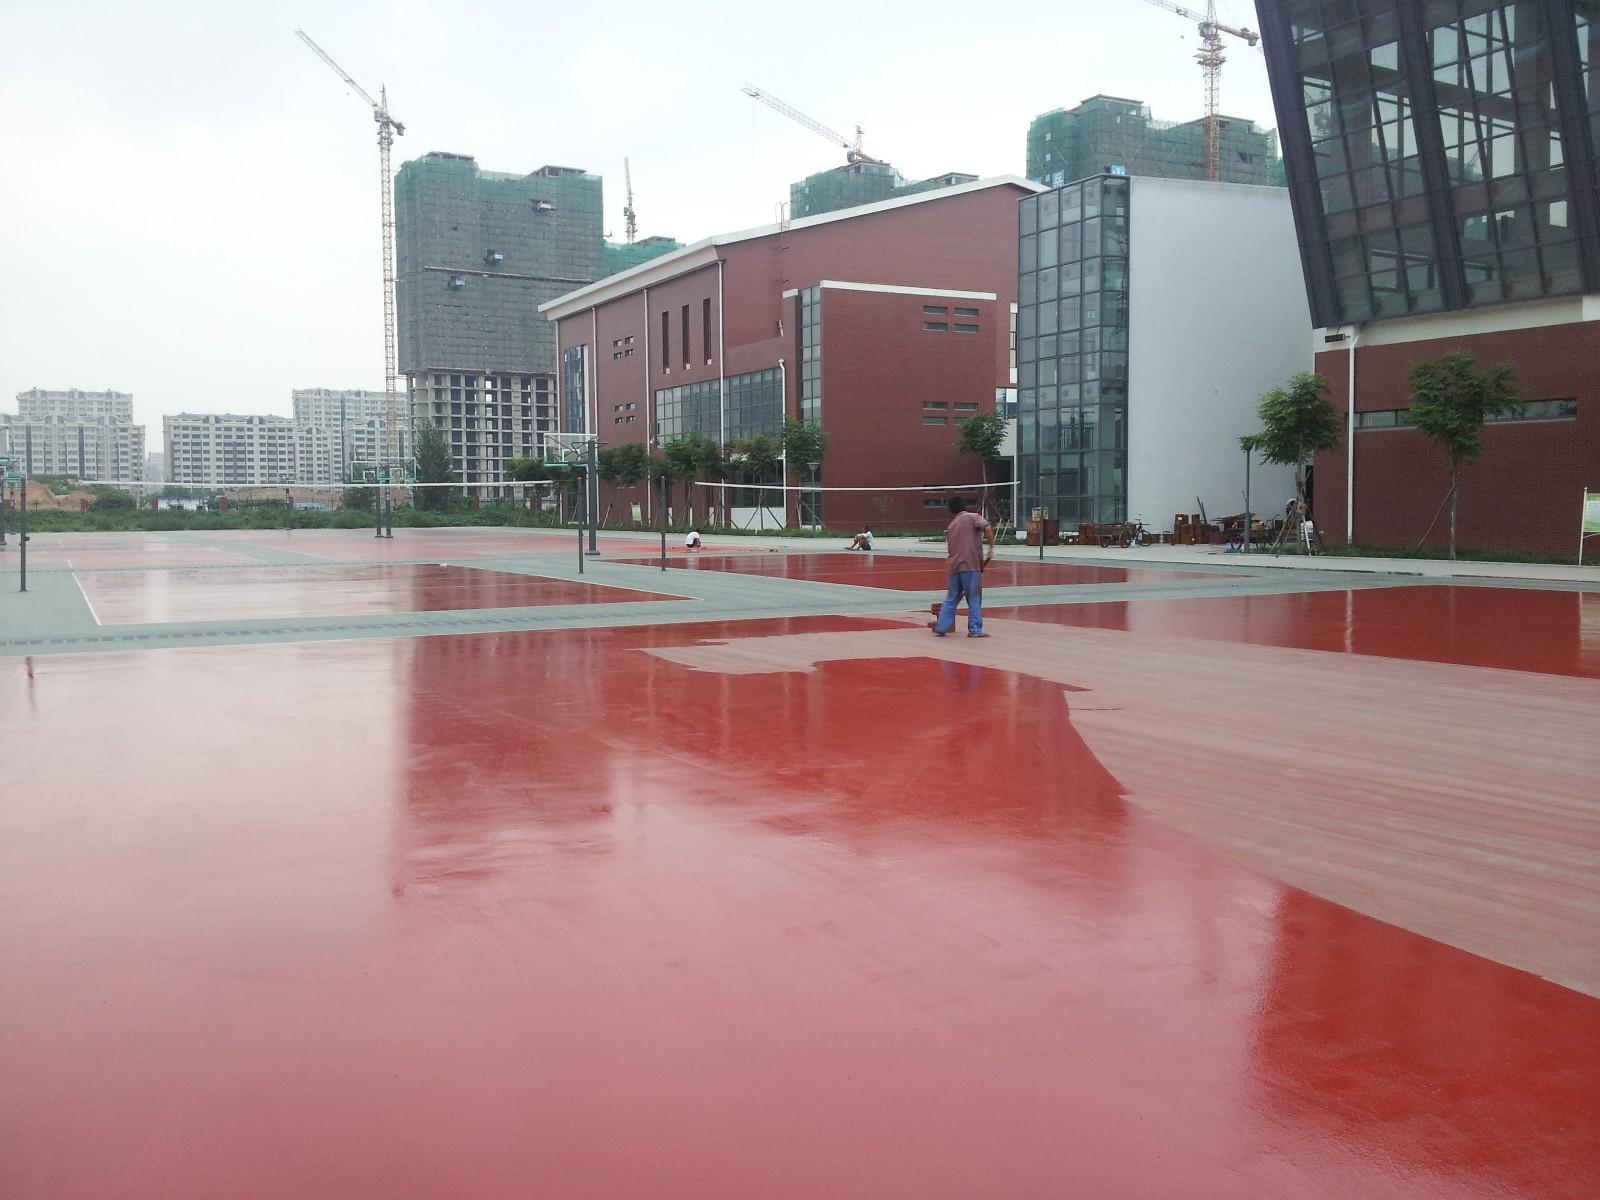 硅PU球场地坪|硅PU运动场地坪-武汉兴尚厦地坪工程有限公司